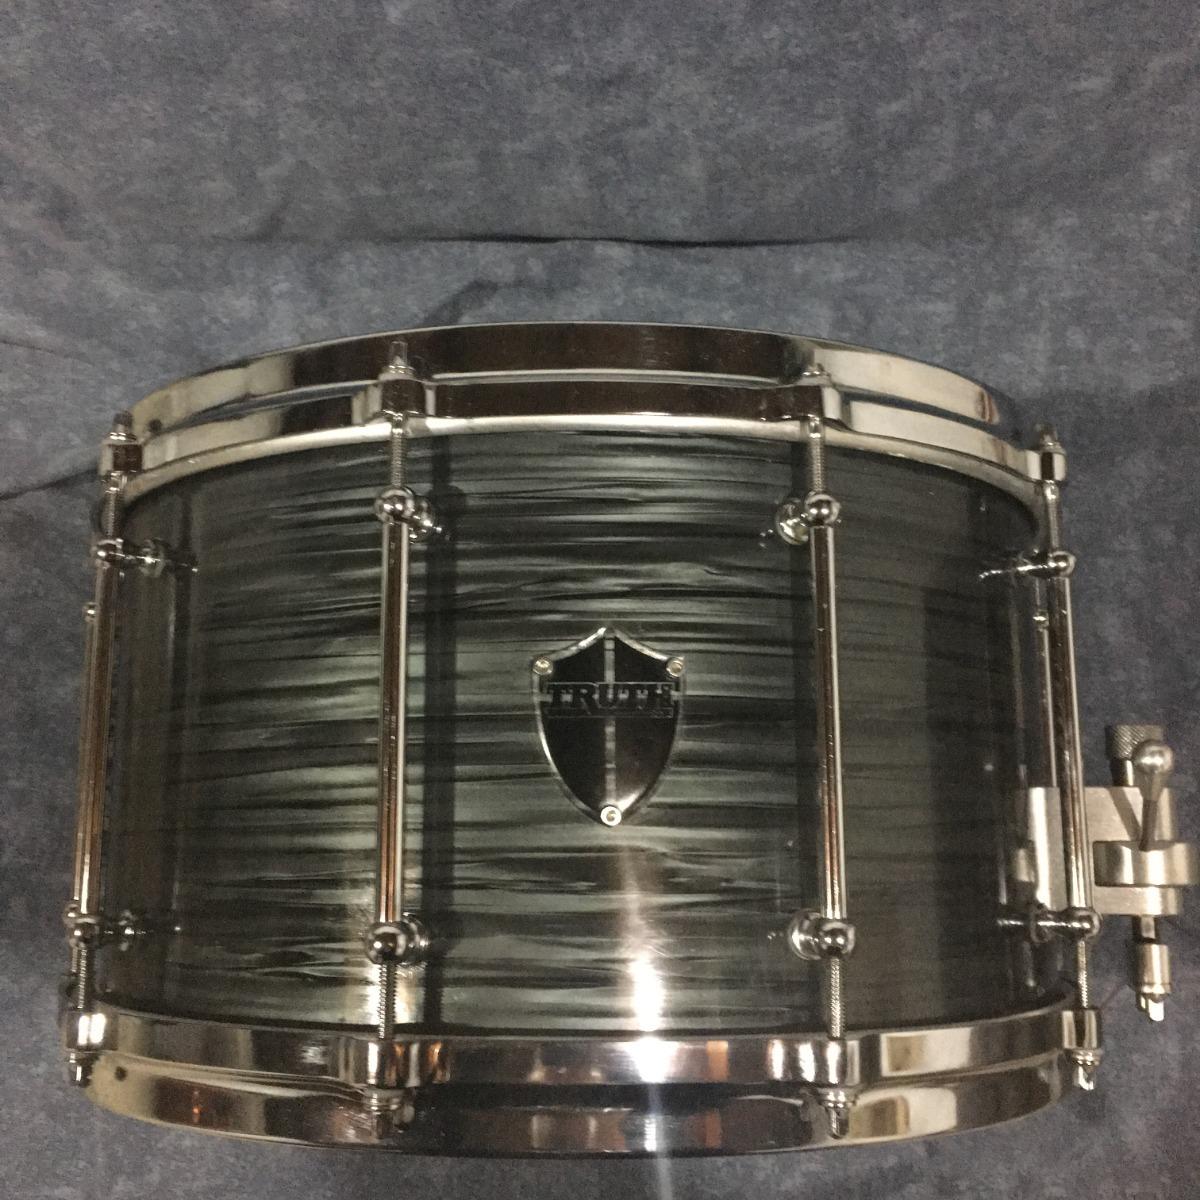 Tarola Truth Custom Drums Usada Por Zac Farro De Paramore - U$S 680,00